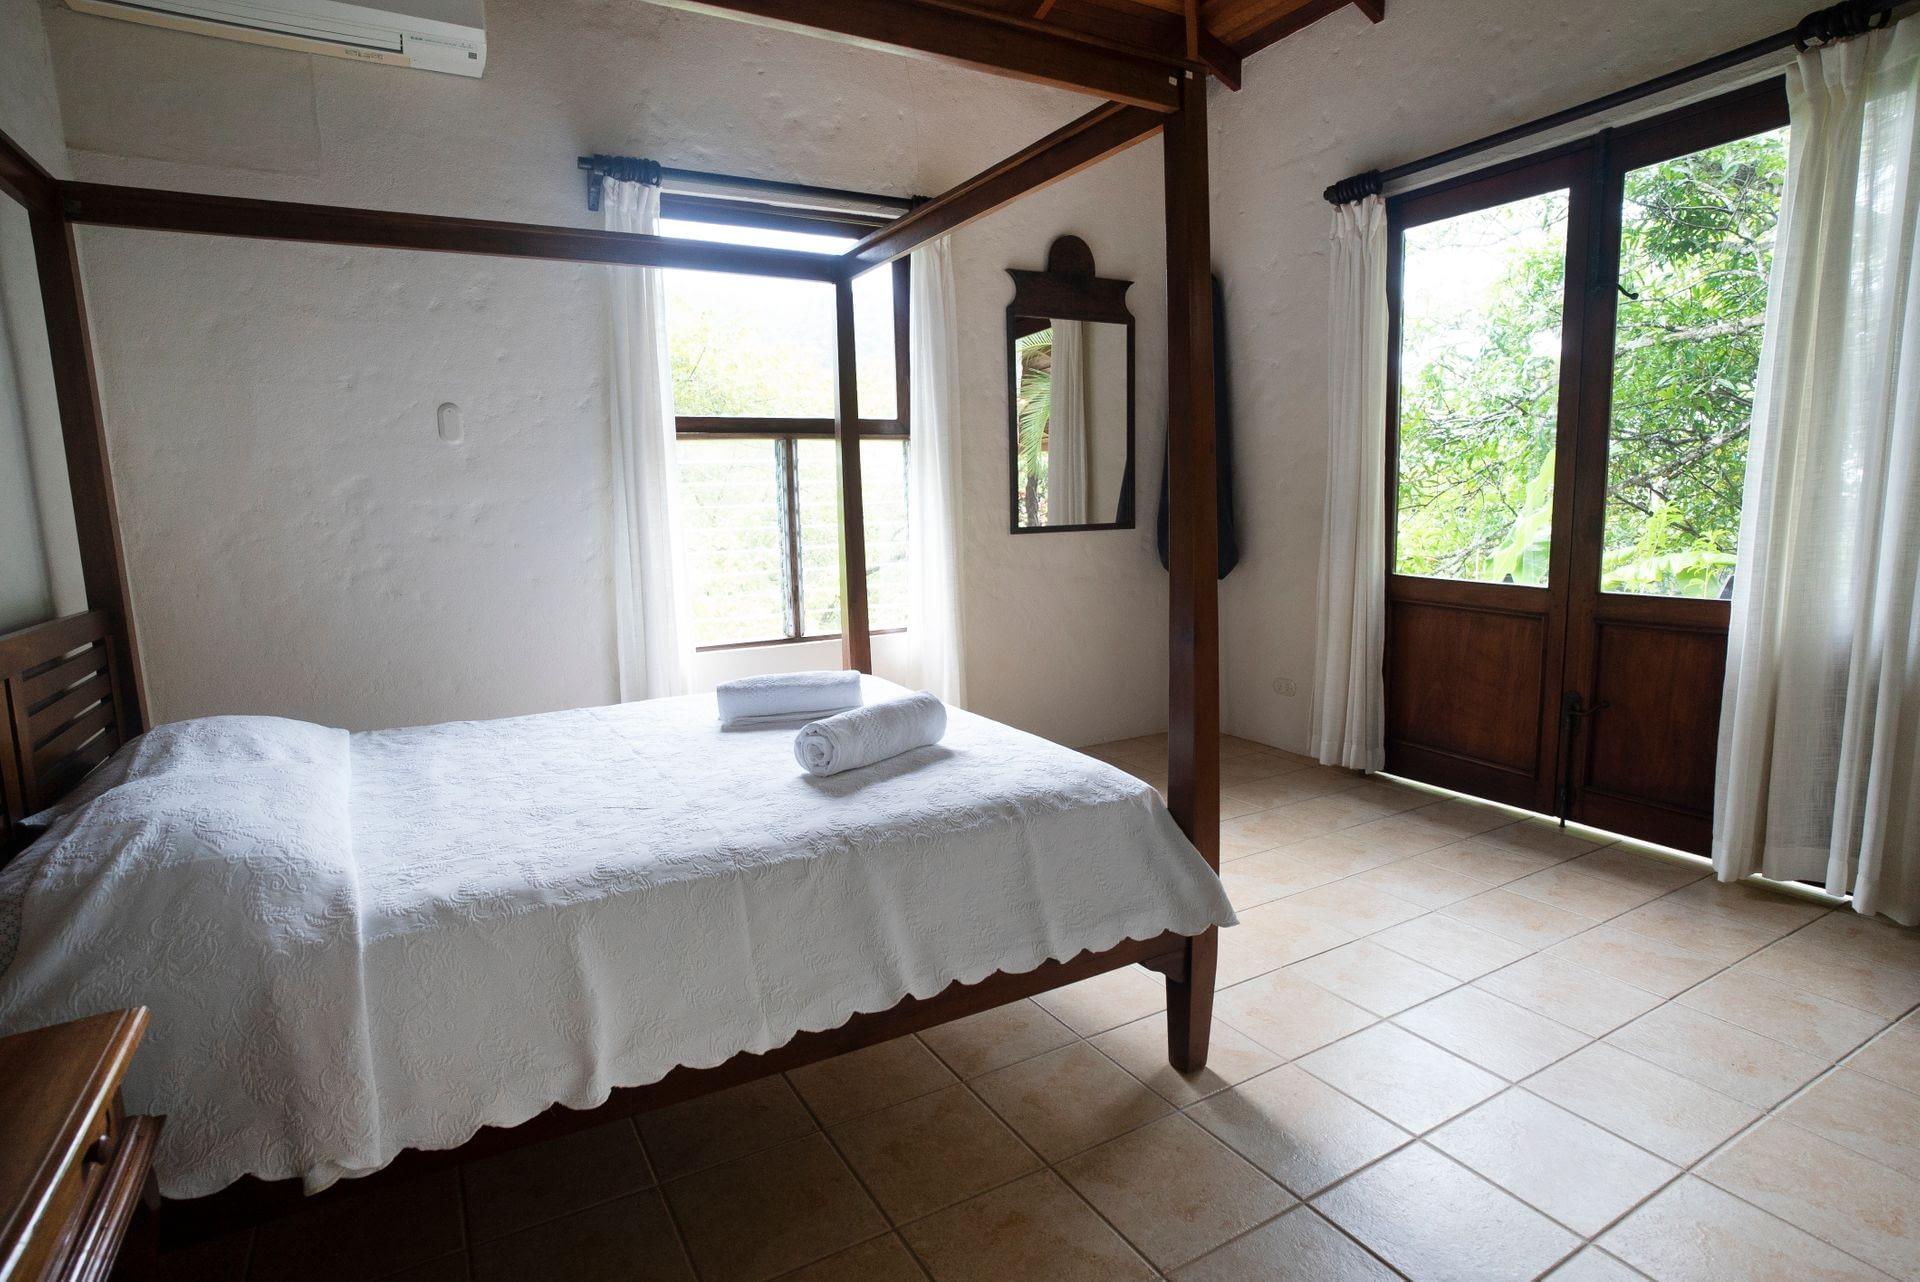 Casa Dorada Bedroom Hacienda Barrigona